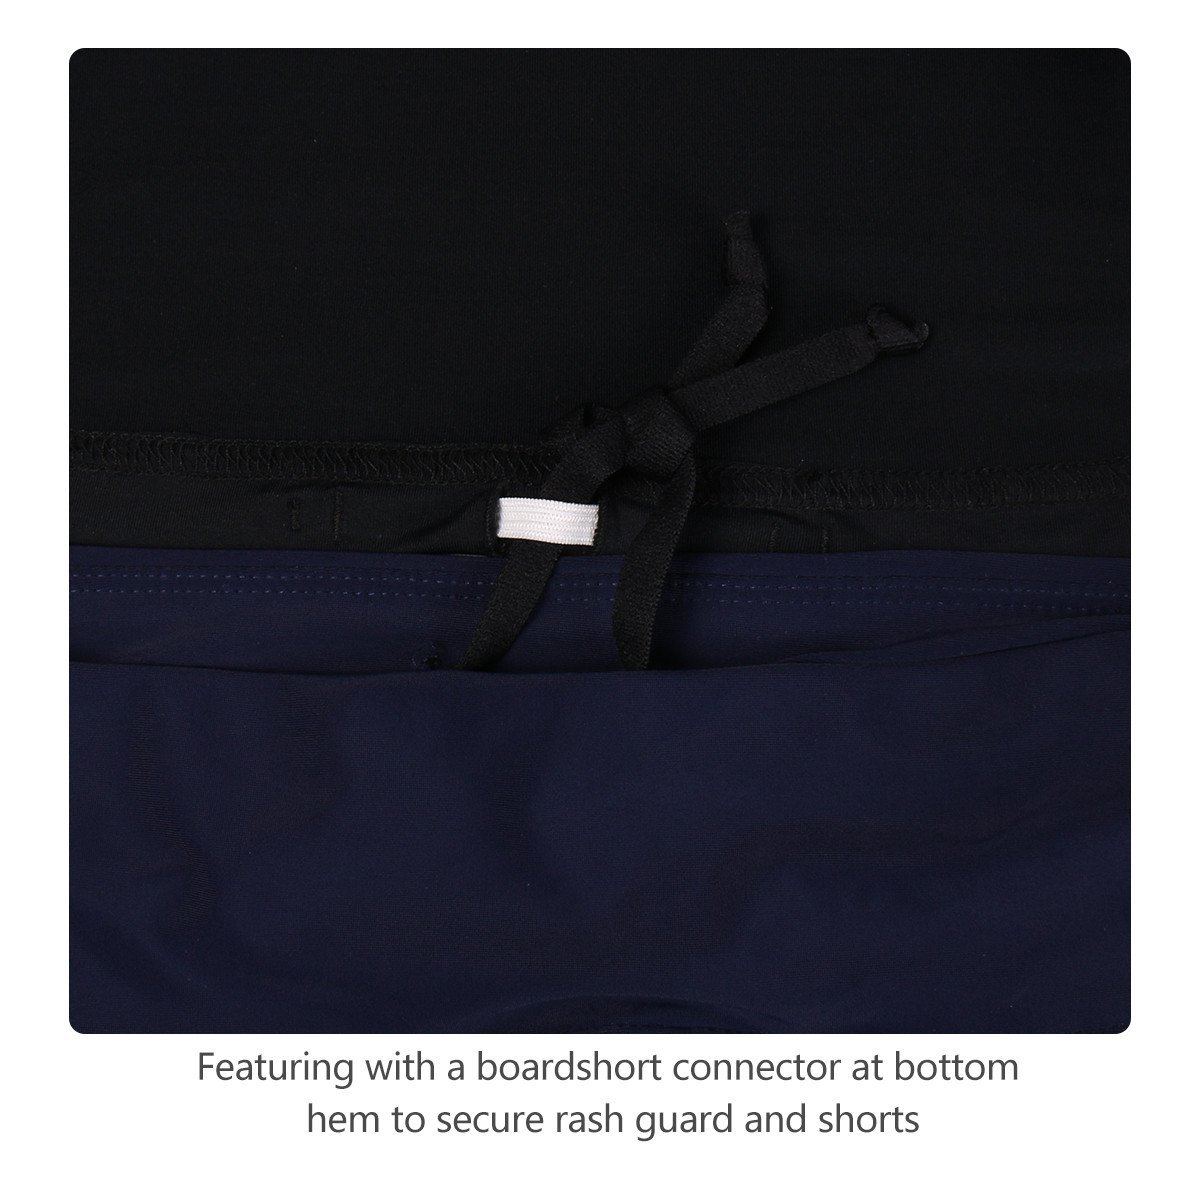 Baleaf Women's Long Sleeve Sun Protection Splice Rashguard Swim Shirt with Back Pocket Black Size M by Baleaf (Image #6)